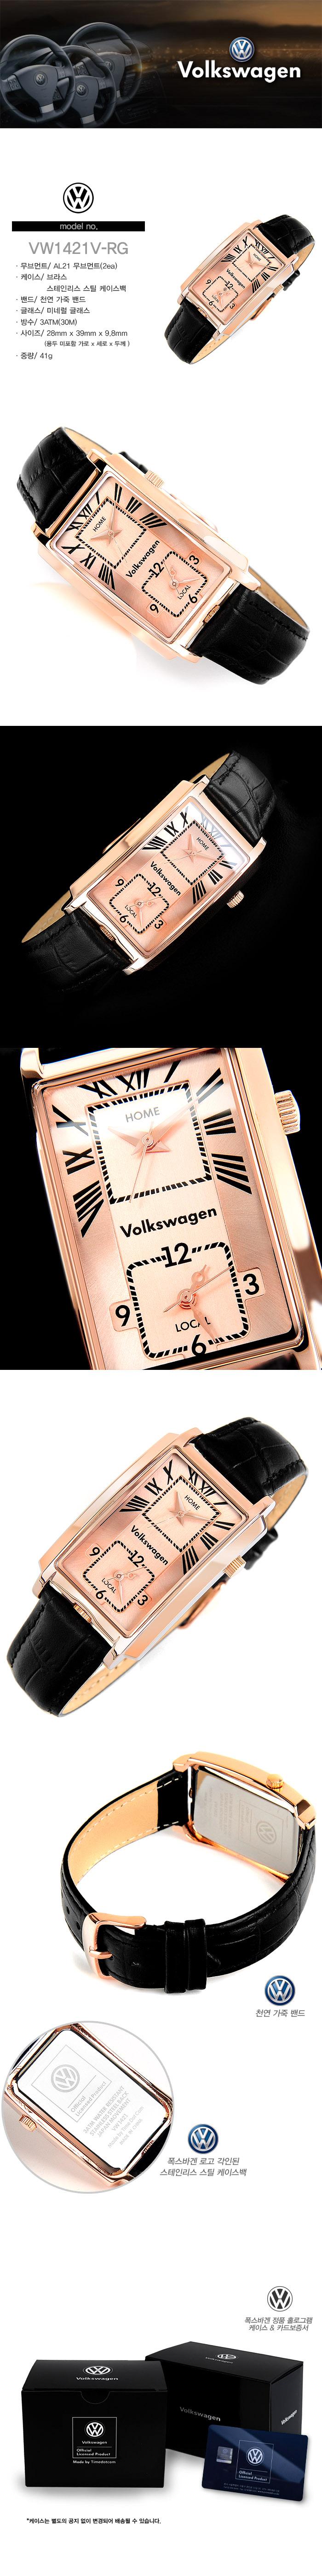 폭스바겐 와치(VOLKSVAGEN WATCH) [Volkswagen] 폭스바겐 VW1421V-RG 본사정품